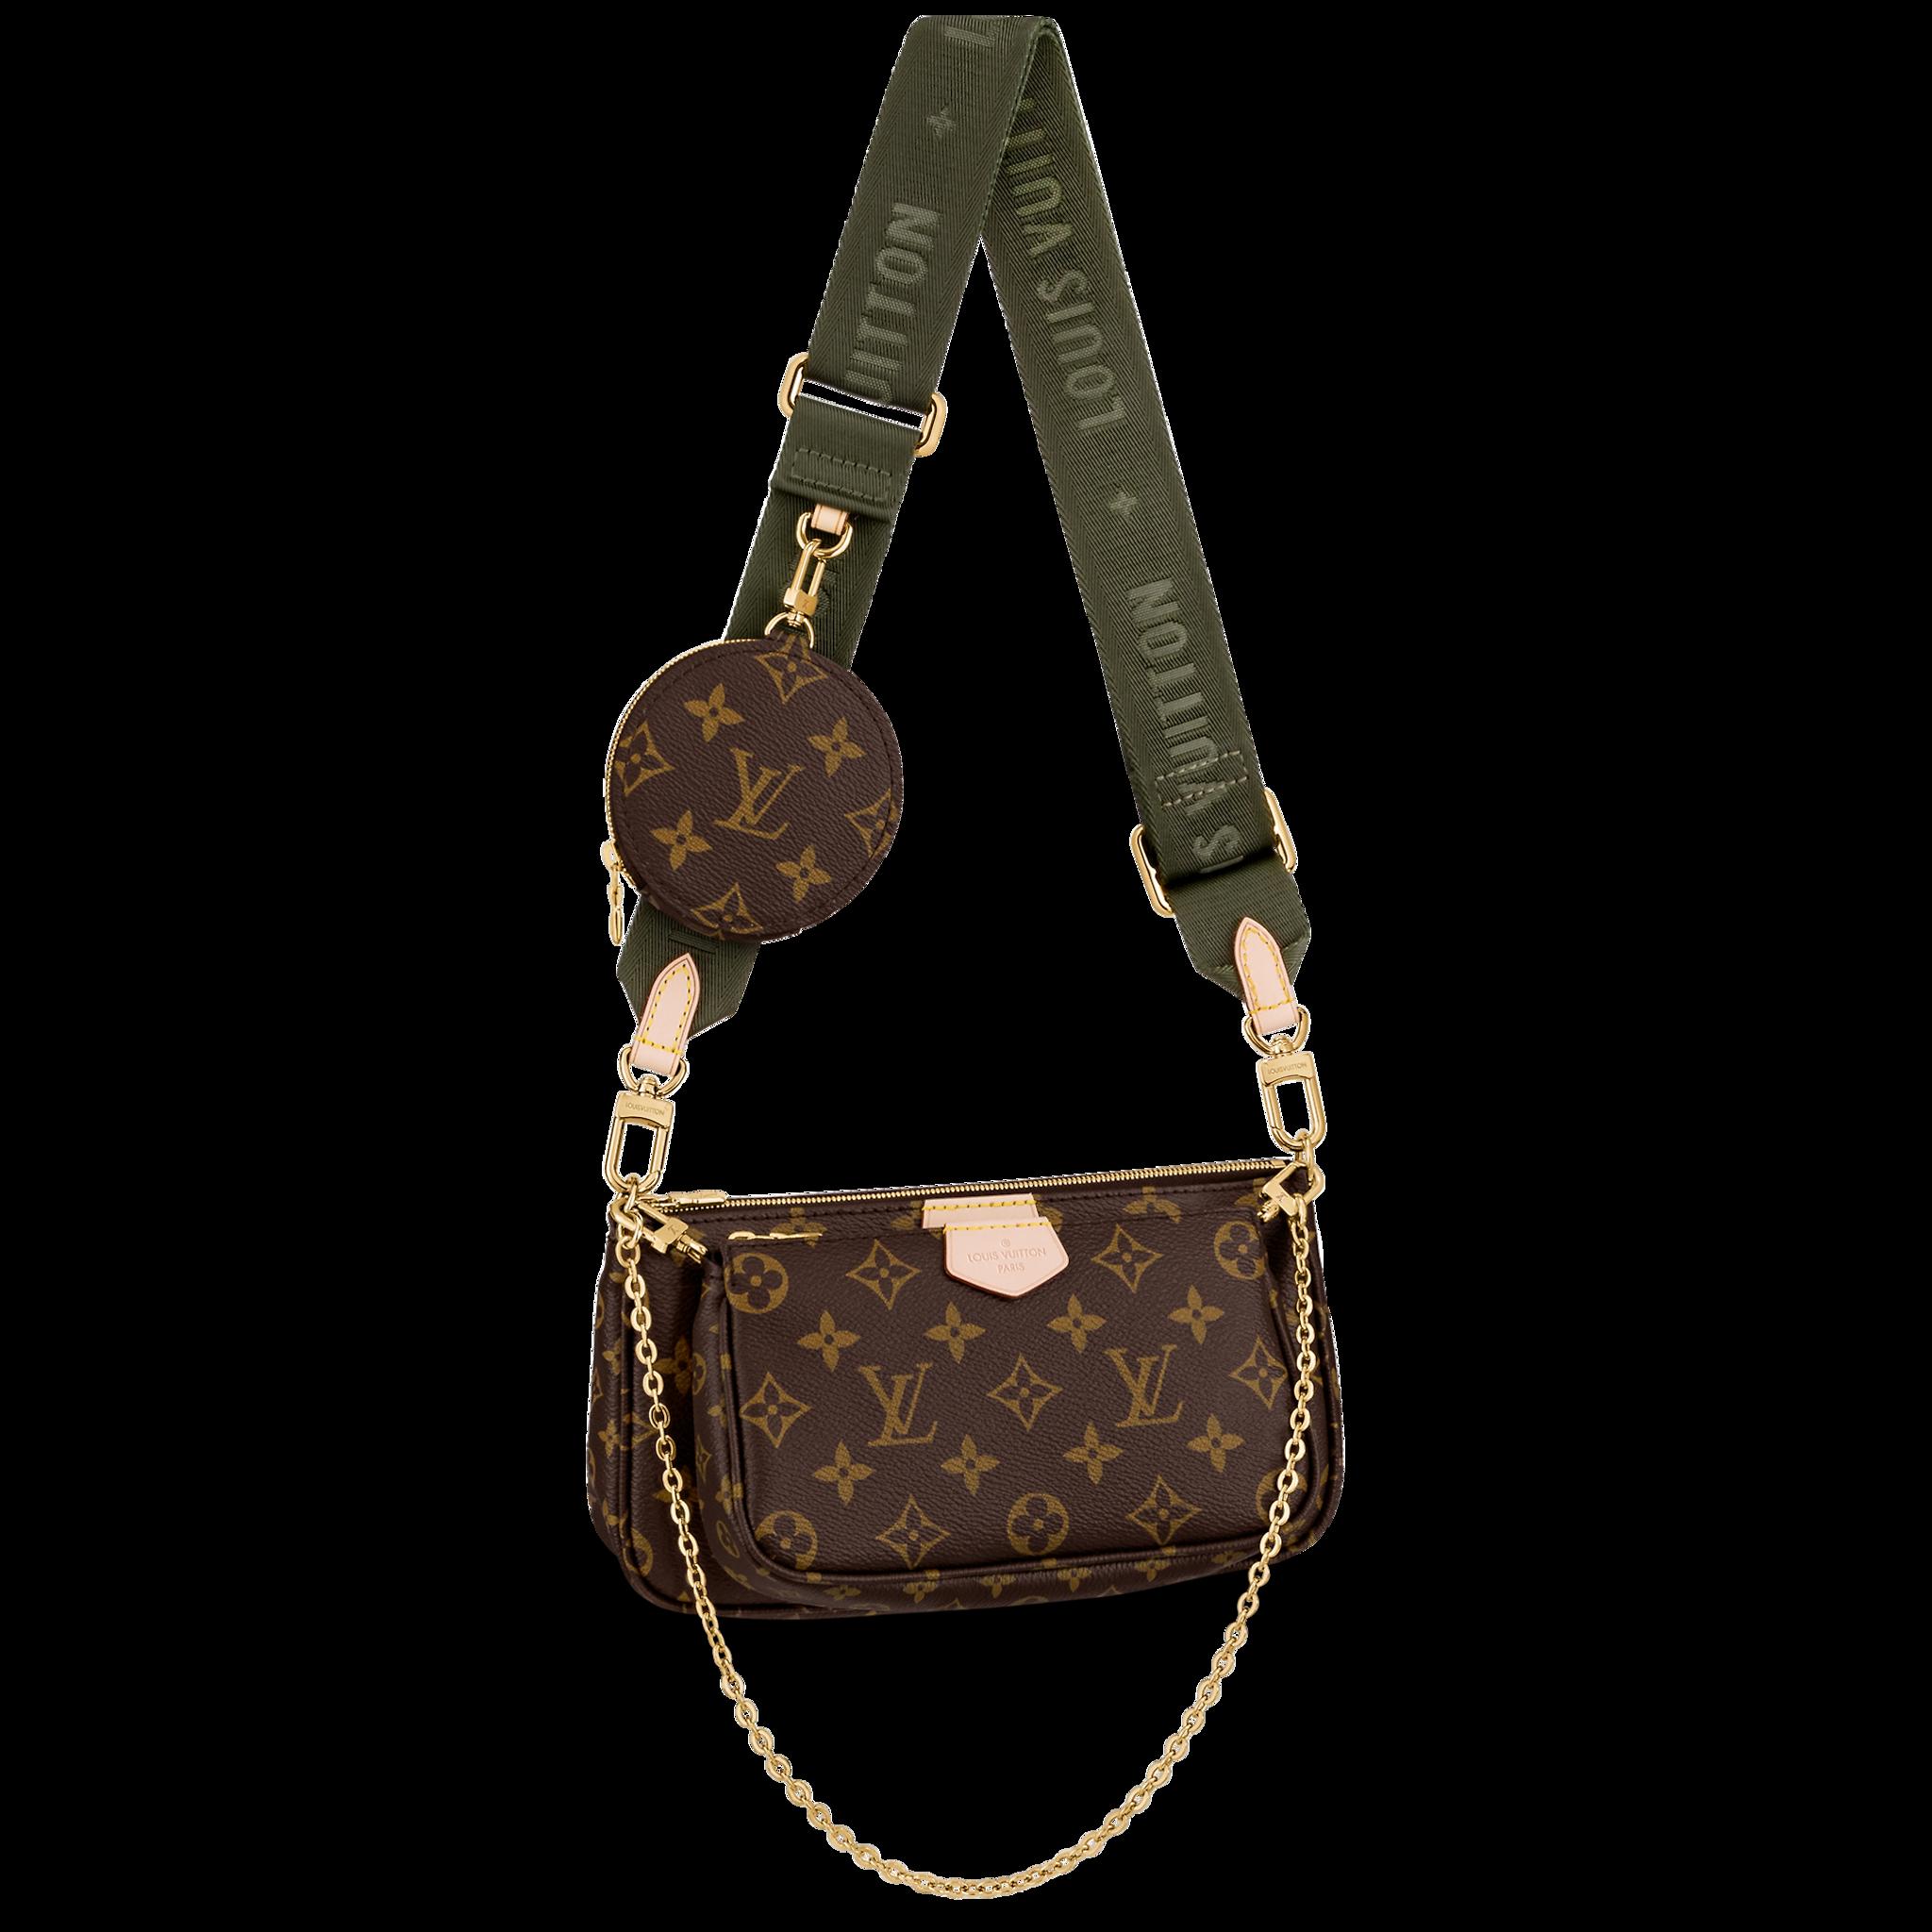 Multi Pochette Accessoires Monogram Canvas Handbags Louis Vuitton Handtassen Tassen Leuke Schoenen